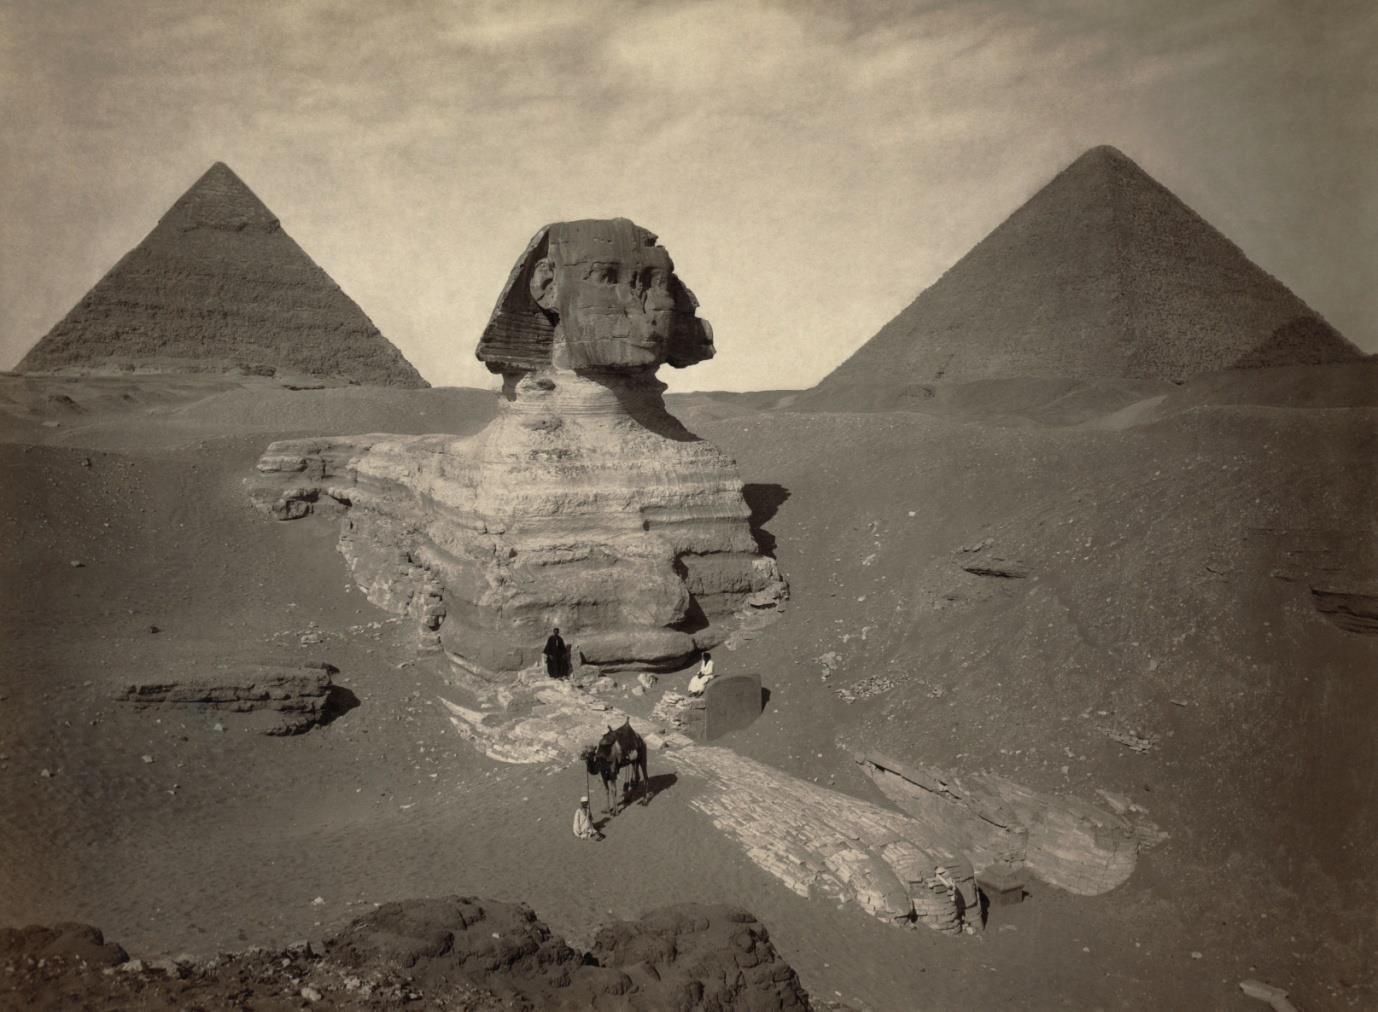 Một bức ảnh về Nhân sư vĩ đại được khai quật một phần, được chụp vào khoảng năm 1878.